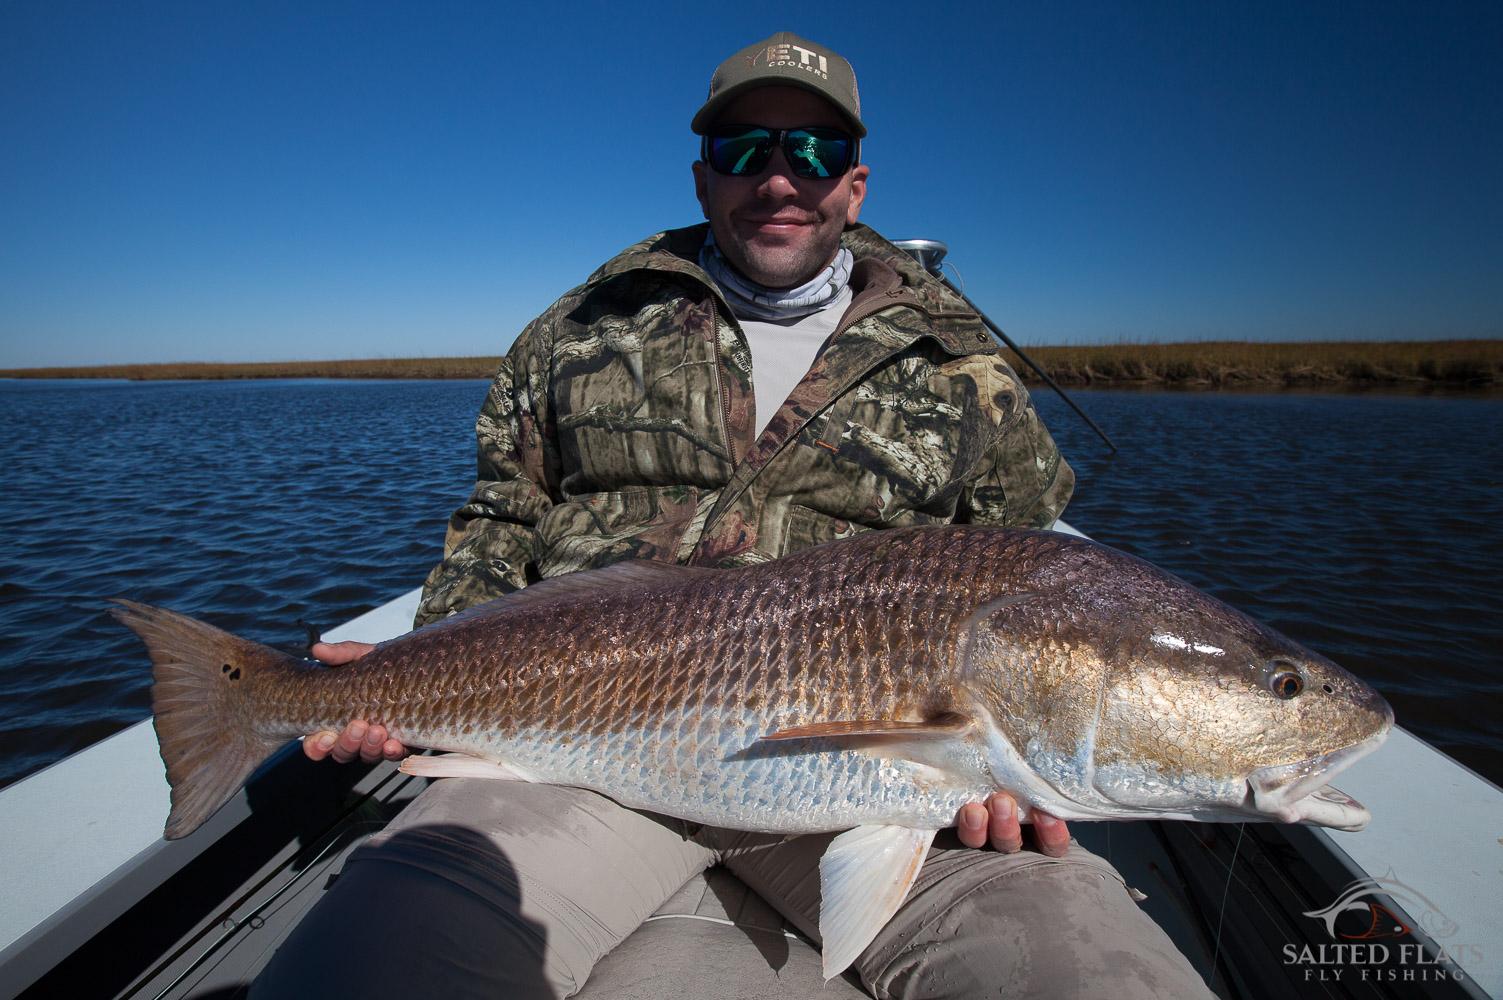 Louisiana Fly Fishing